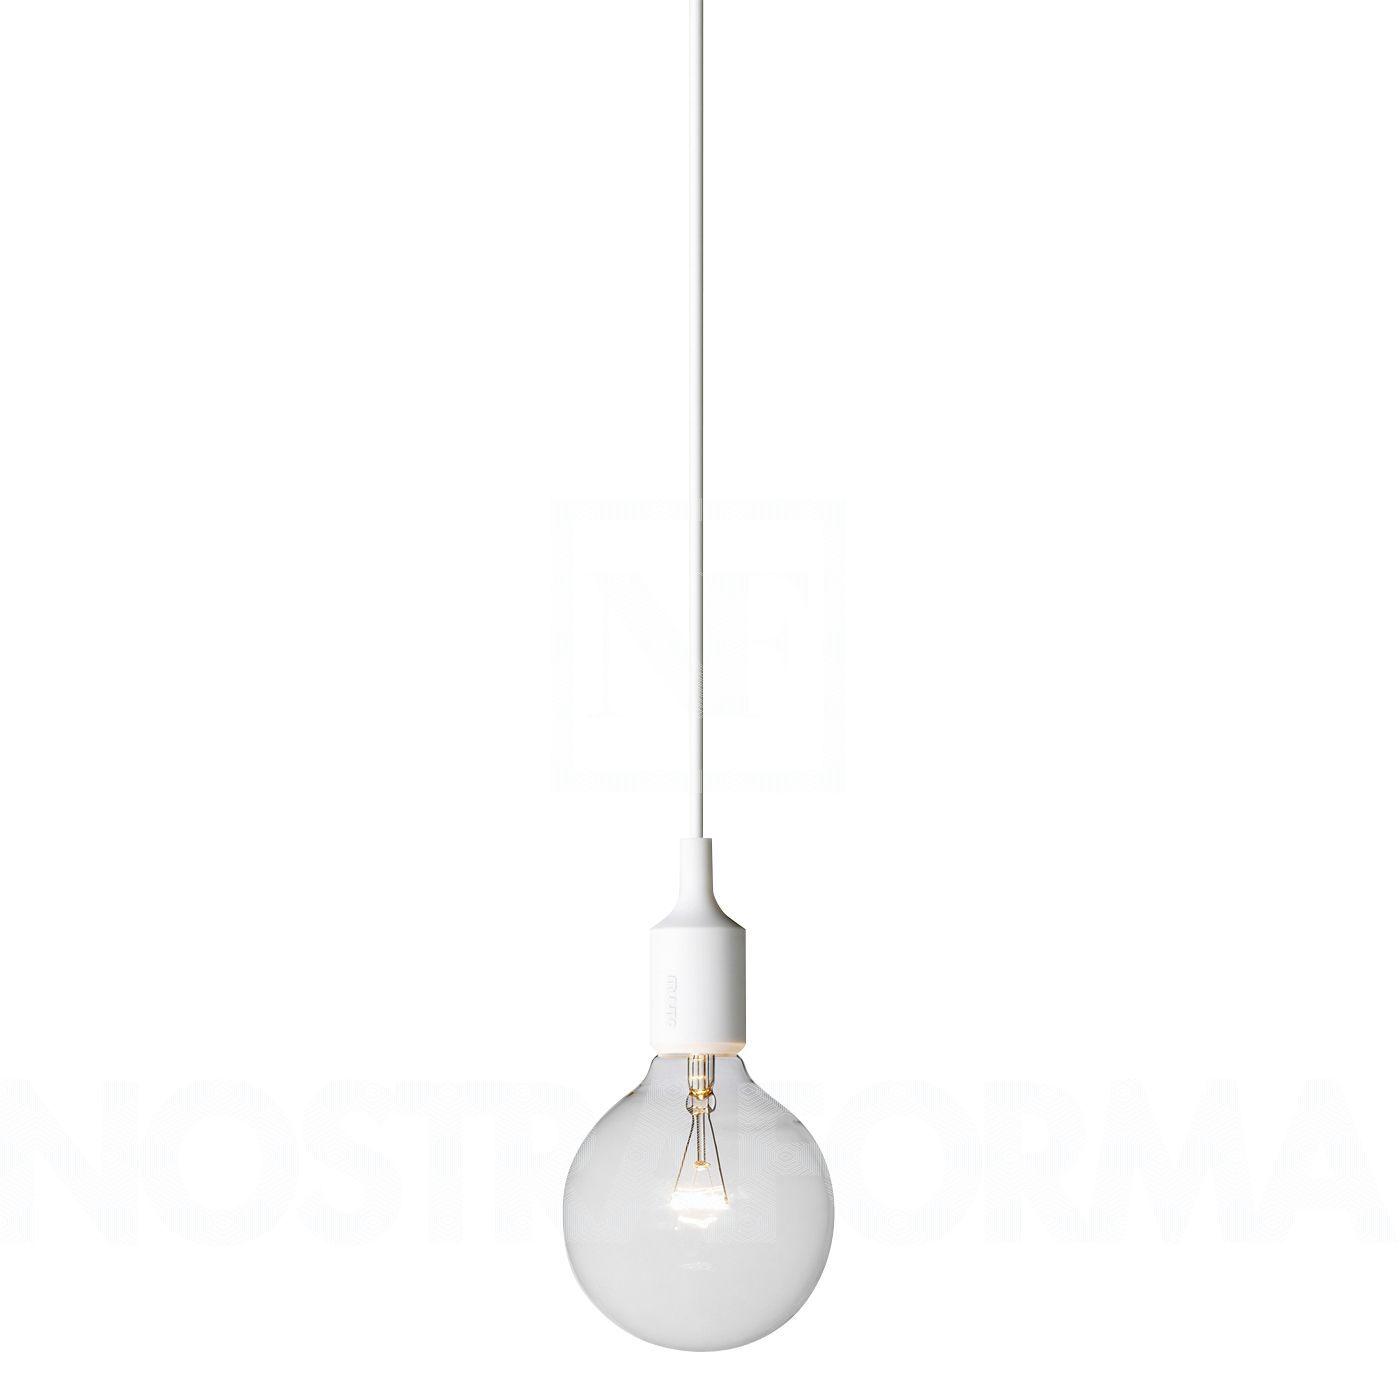 Muuto E27 Pendelleuchte » NOSTRAFORMA Design Shop Für Leuchten U0026 Lampen